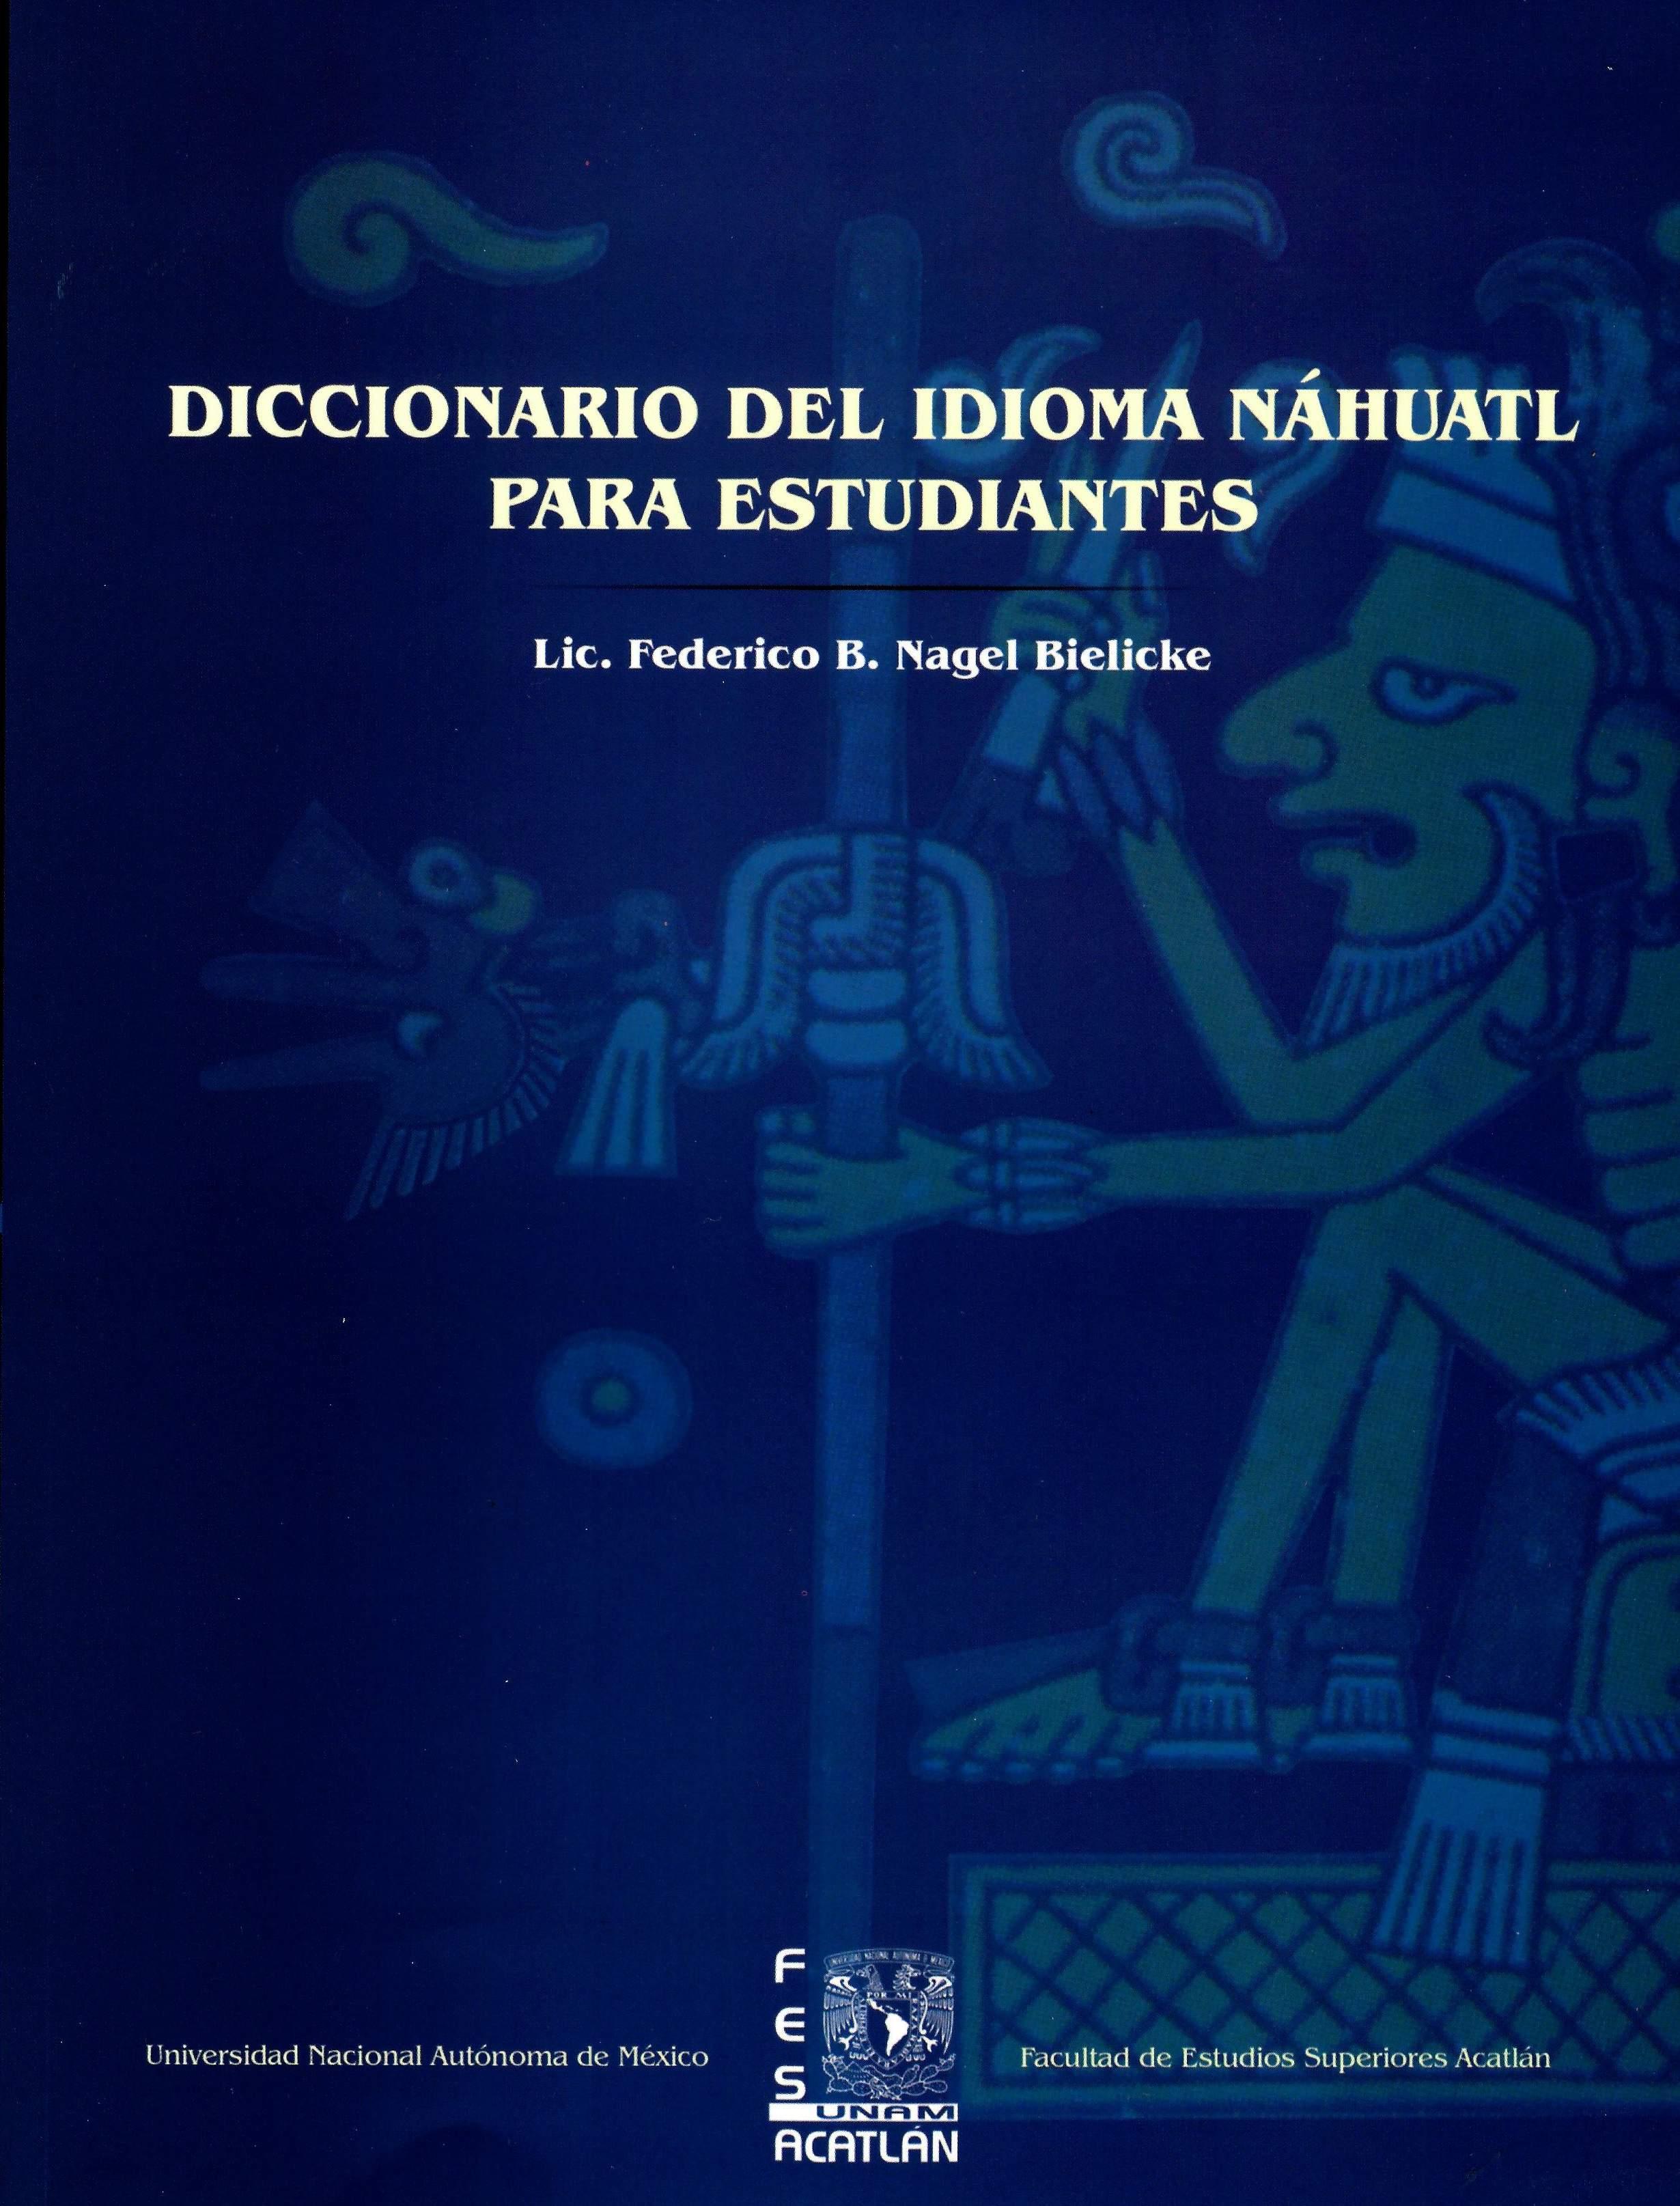 Diccionario del idioma náhuatl para estudiantes